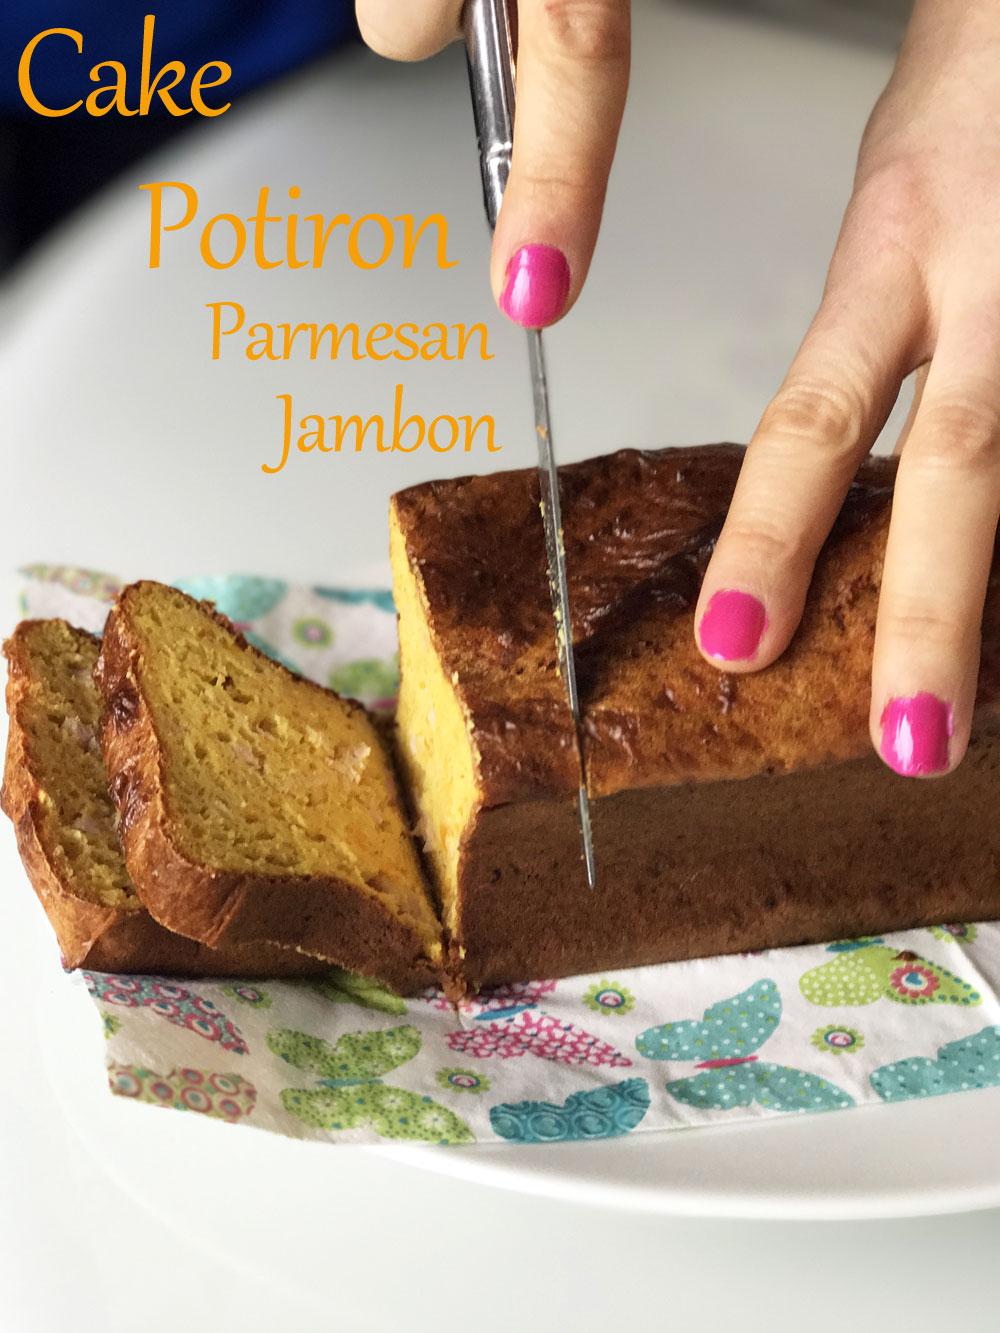 Cake au potiron et jambon secrets culinaires g teaux et p tisseries blog photo - Cake au potiron sucre ...